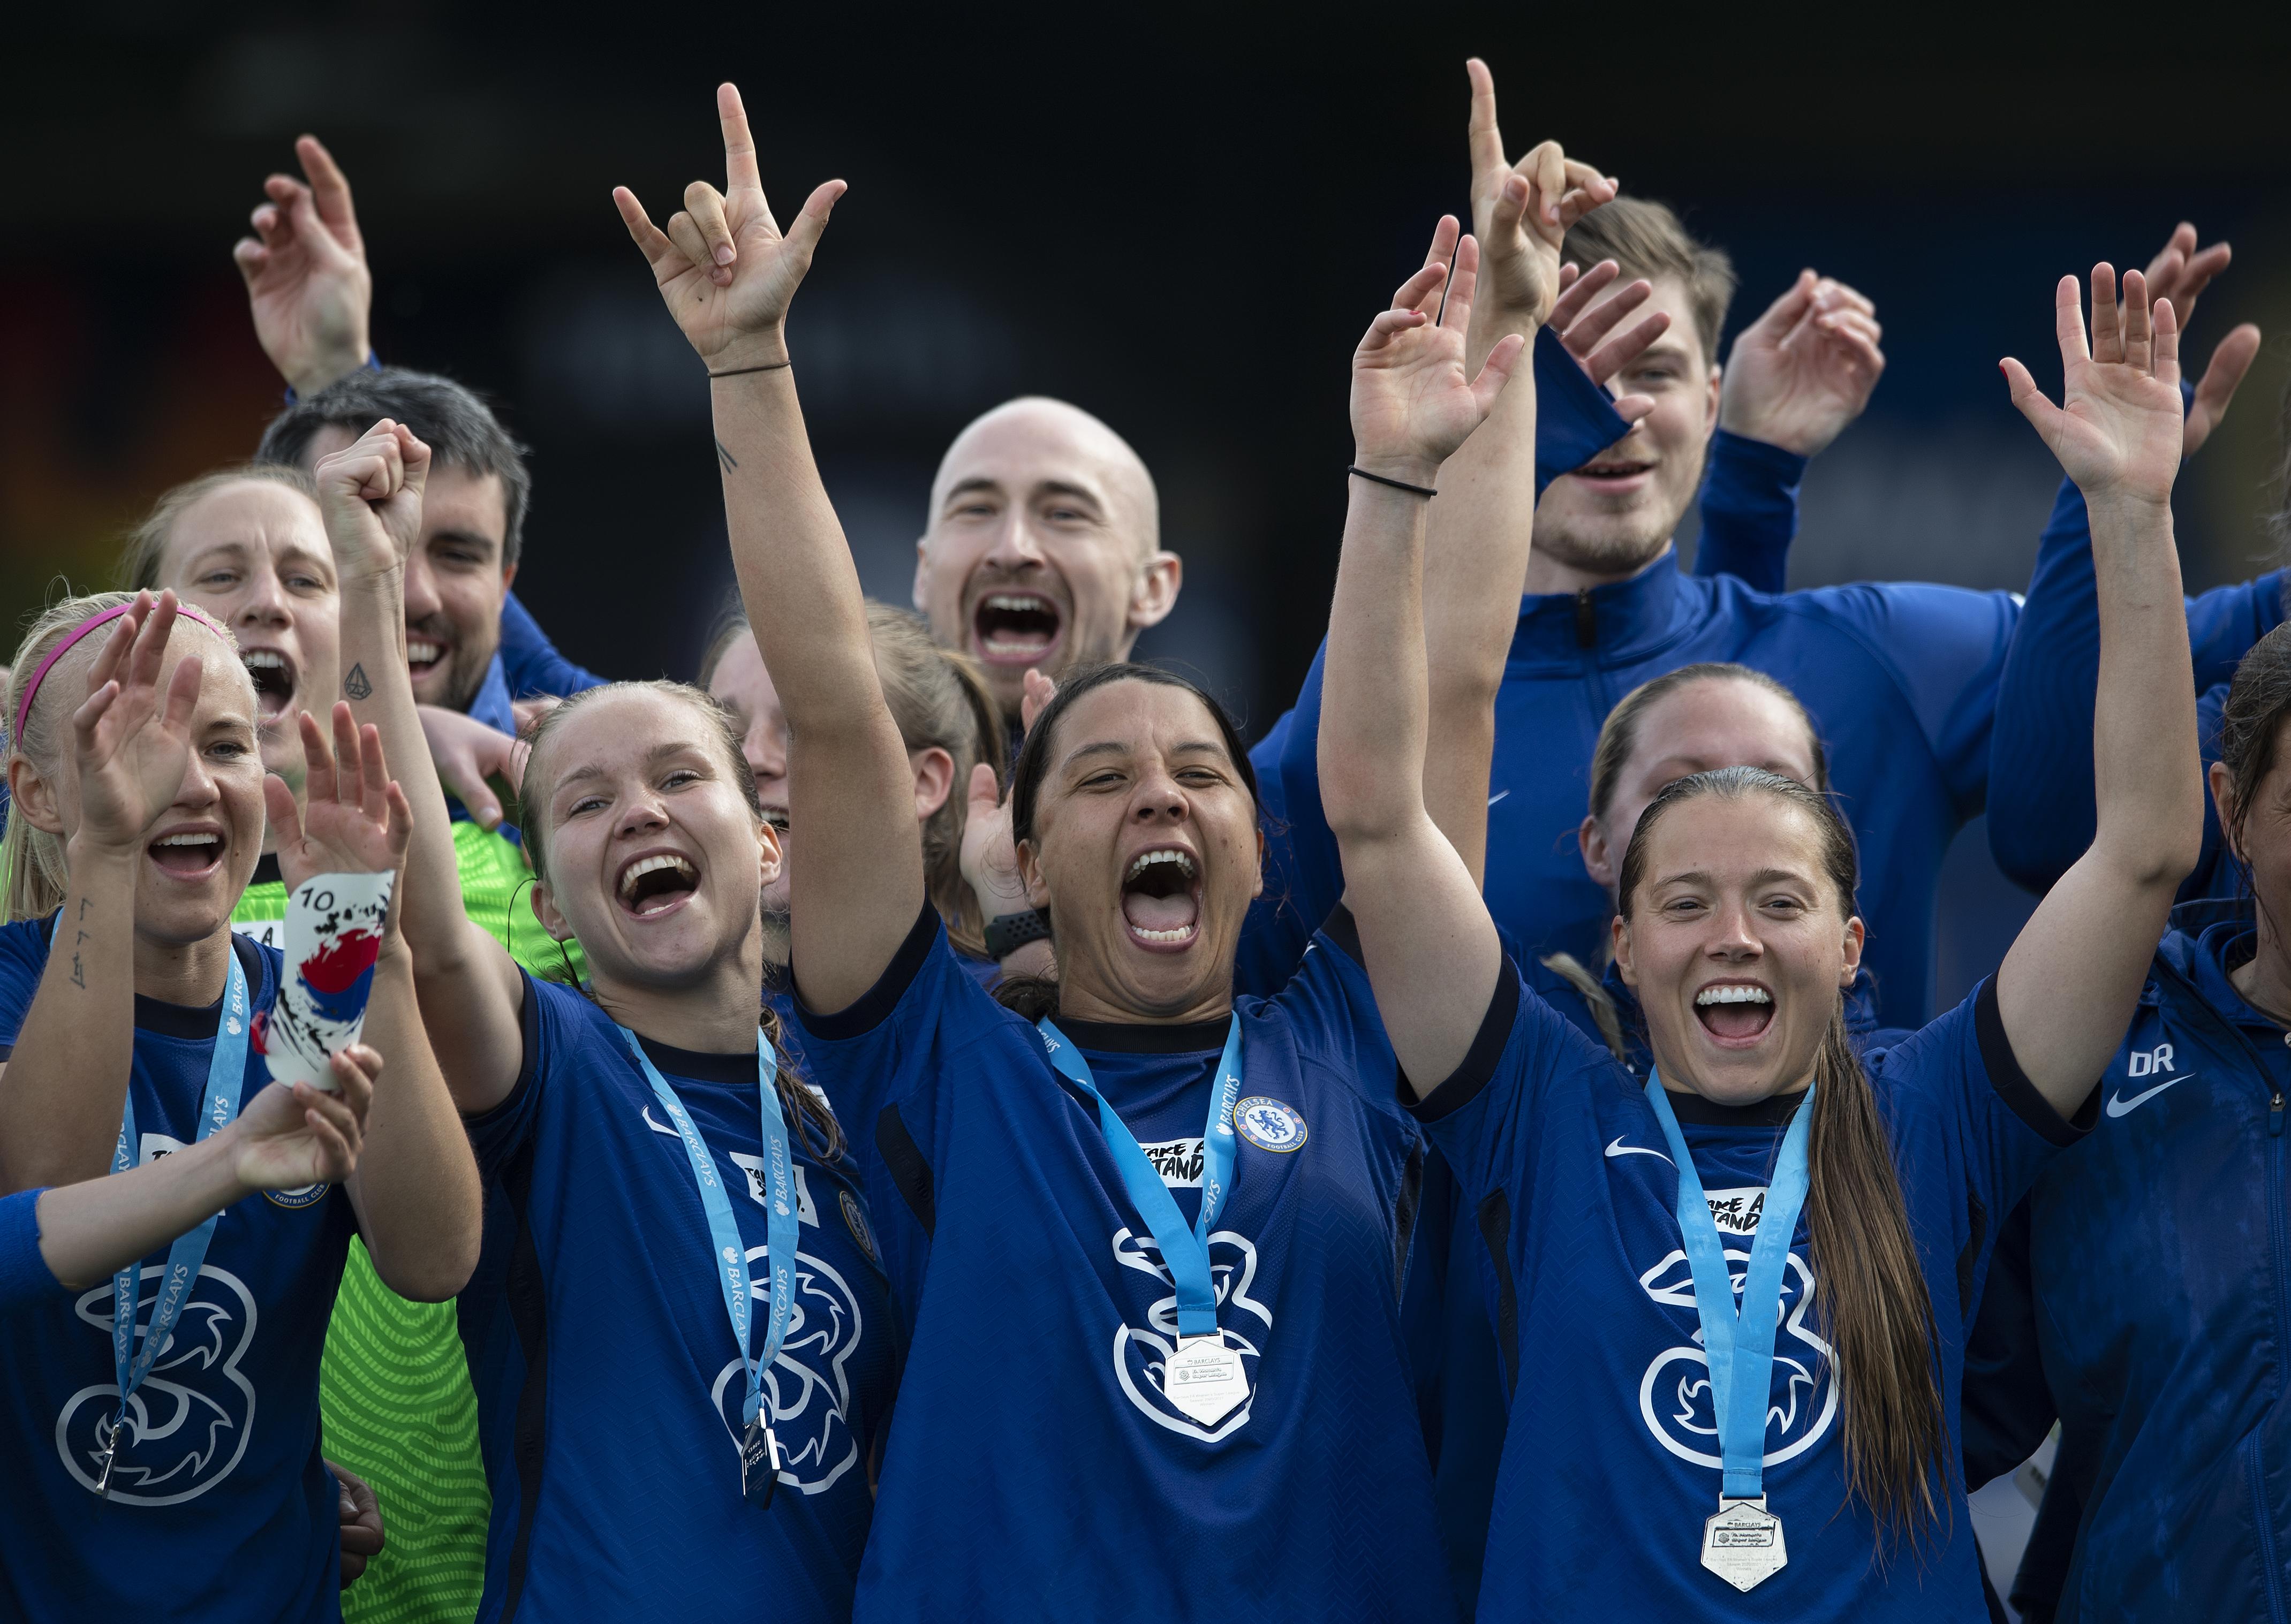 Chelsea Women v Reading Women - Barclays FA Women's Super League - Chelsea Win WSL Title